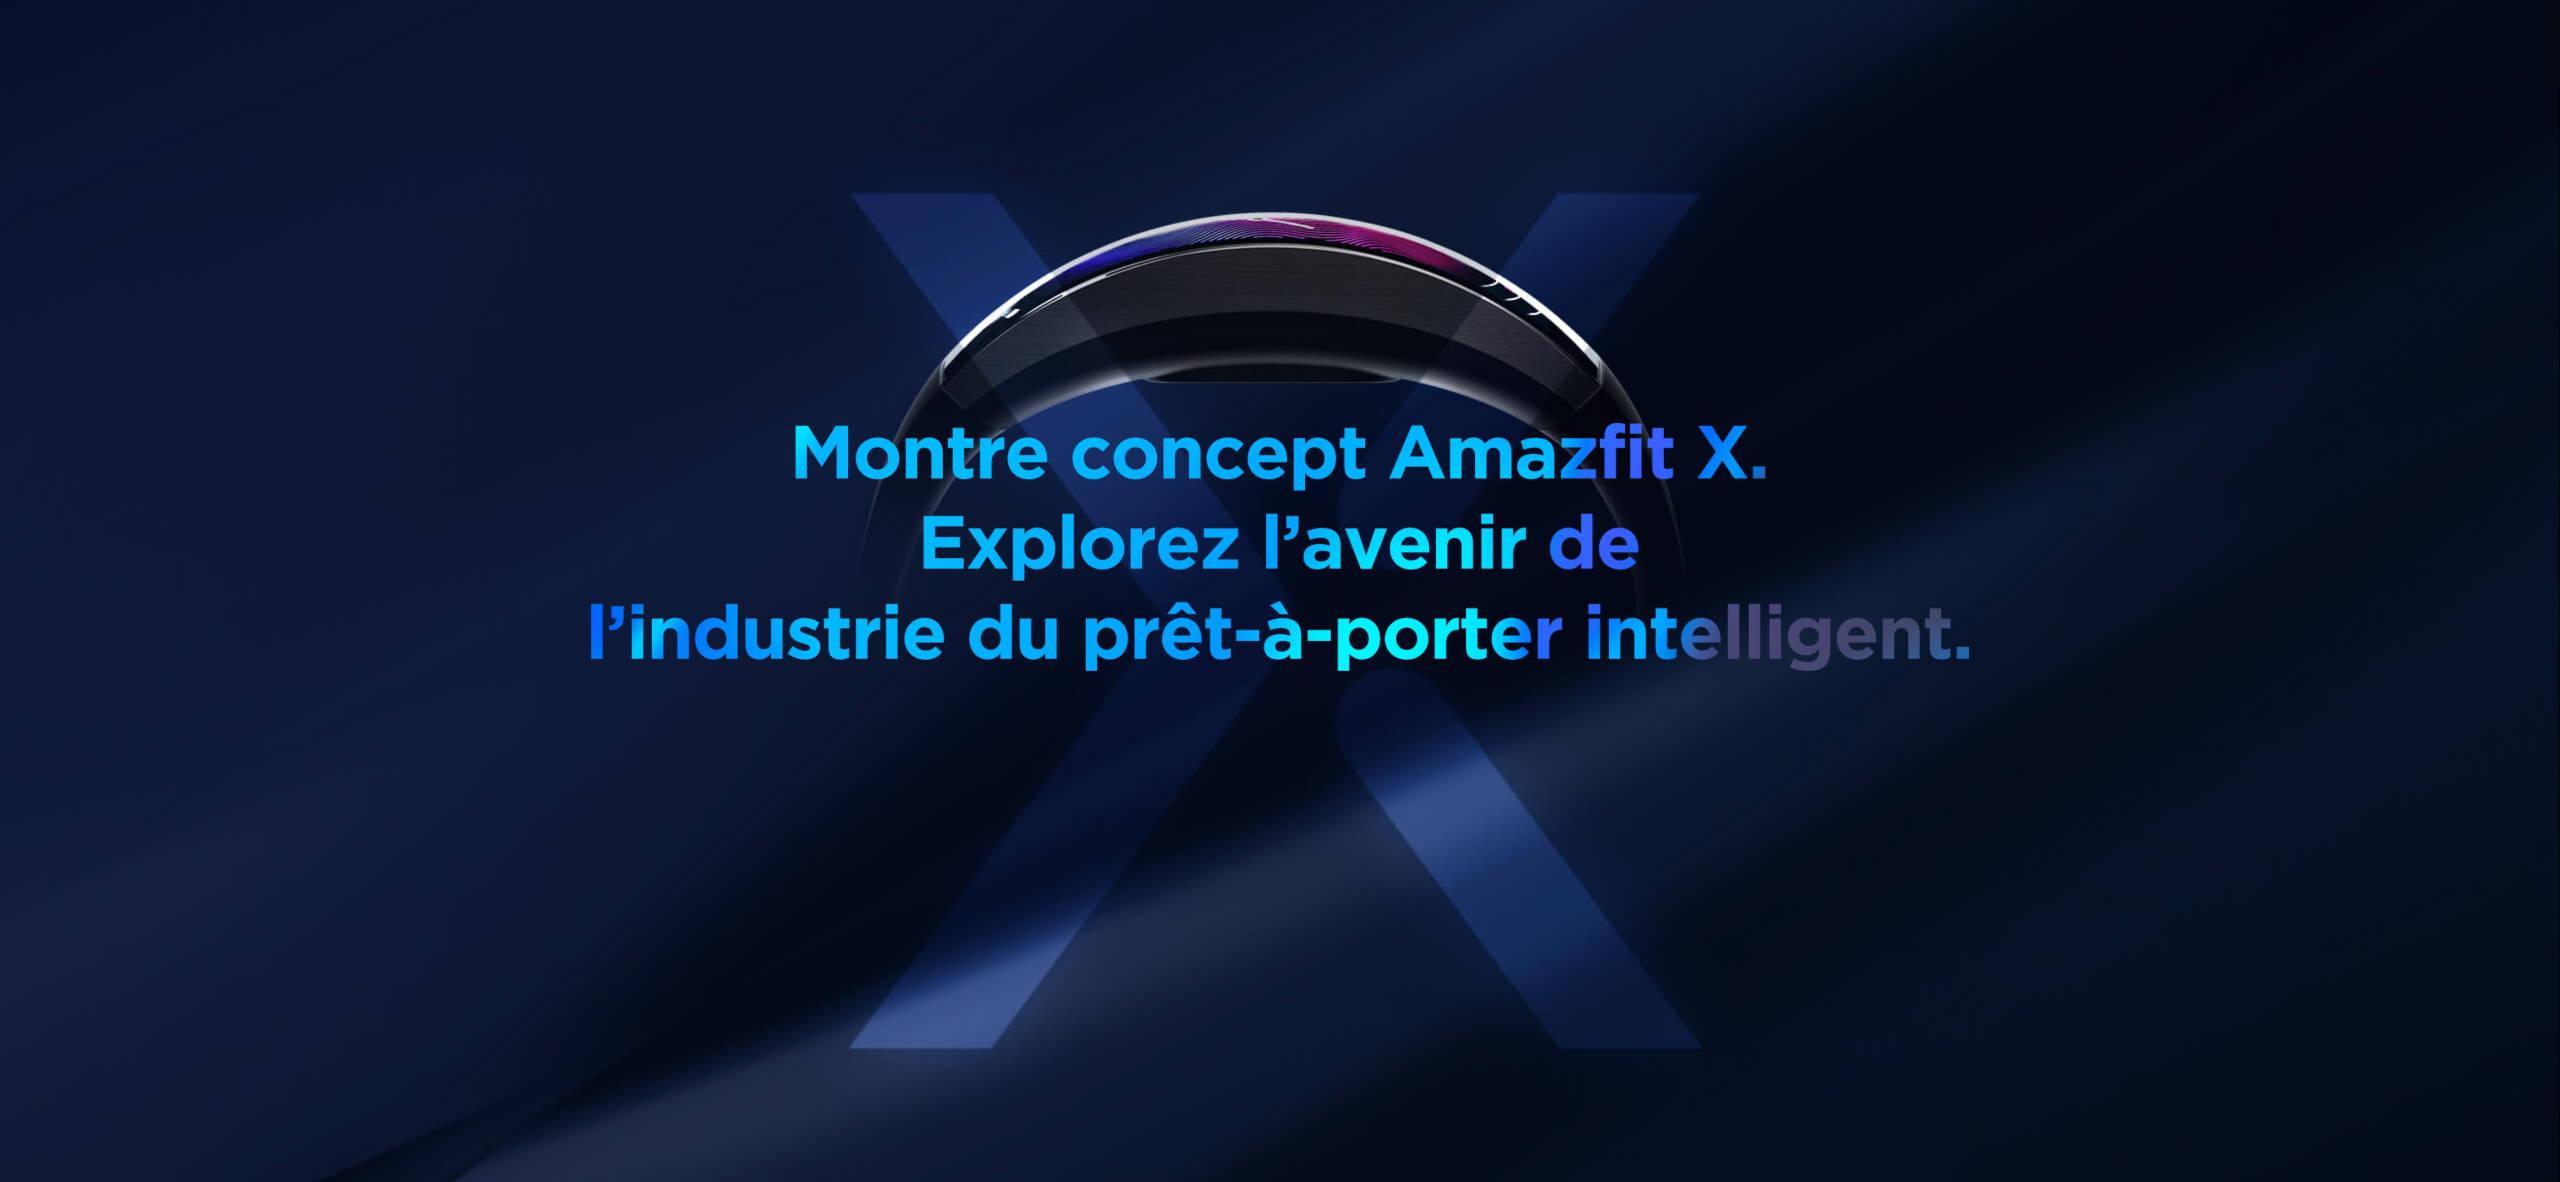 Amazfit X - Montre concept Amazfit X.Explorez l'avenir de l'industrie du prêt-à-porter intelligent.